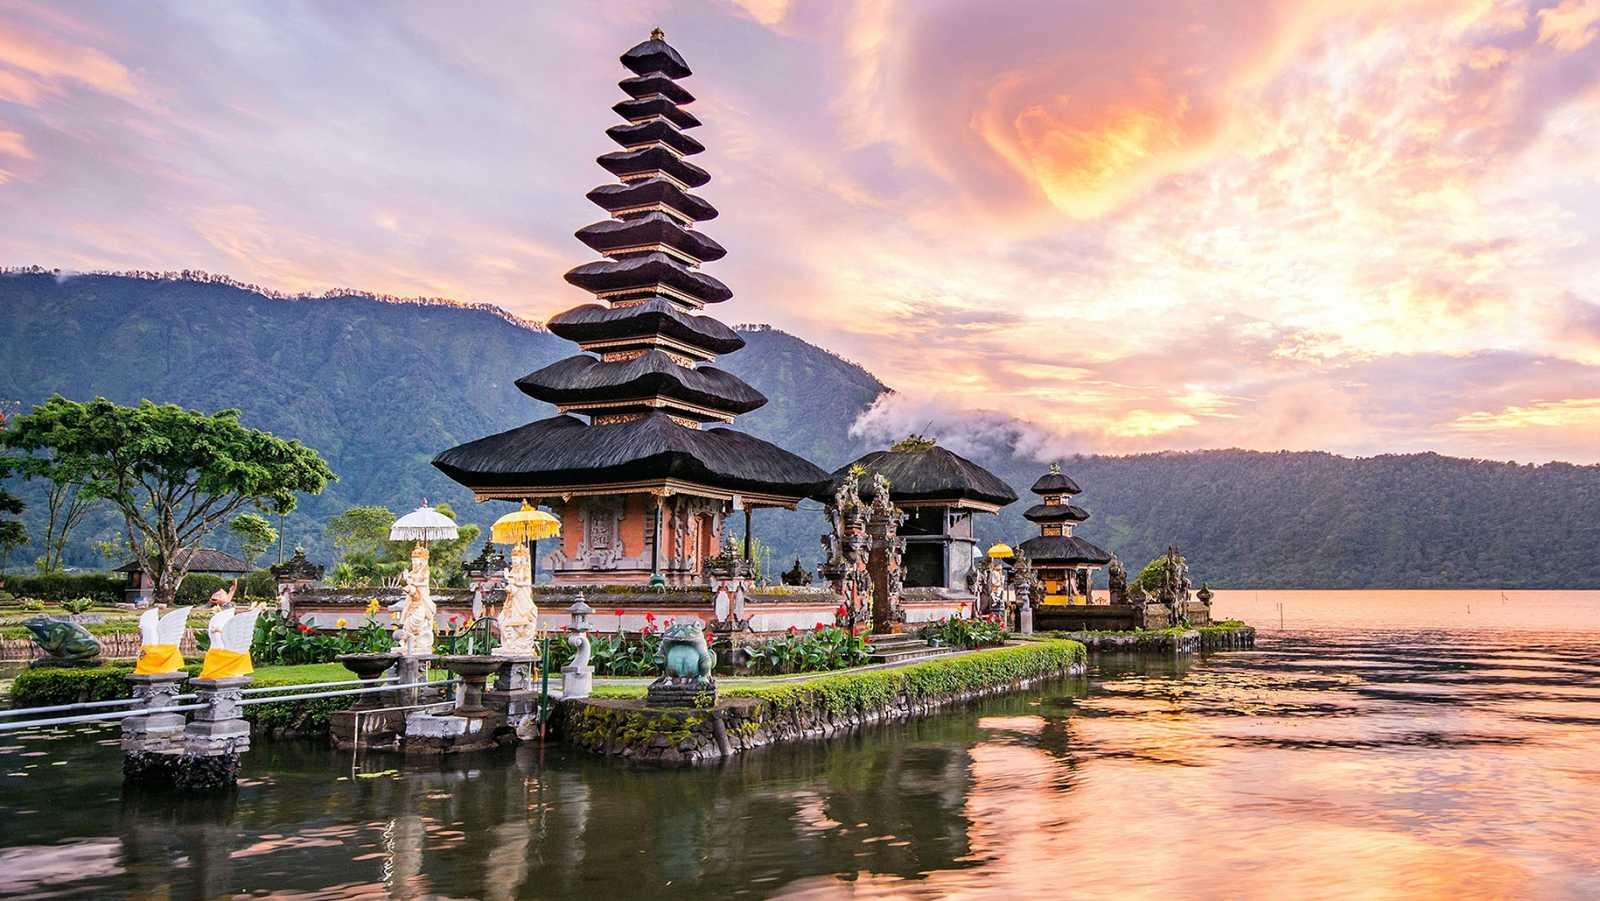 La ruta de las especias - De isla en isla: Indonesia y Japón - 21/07/18 - escuchar ahora